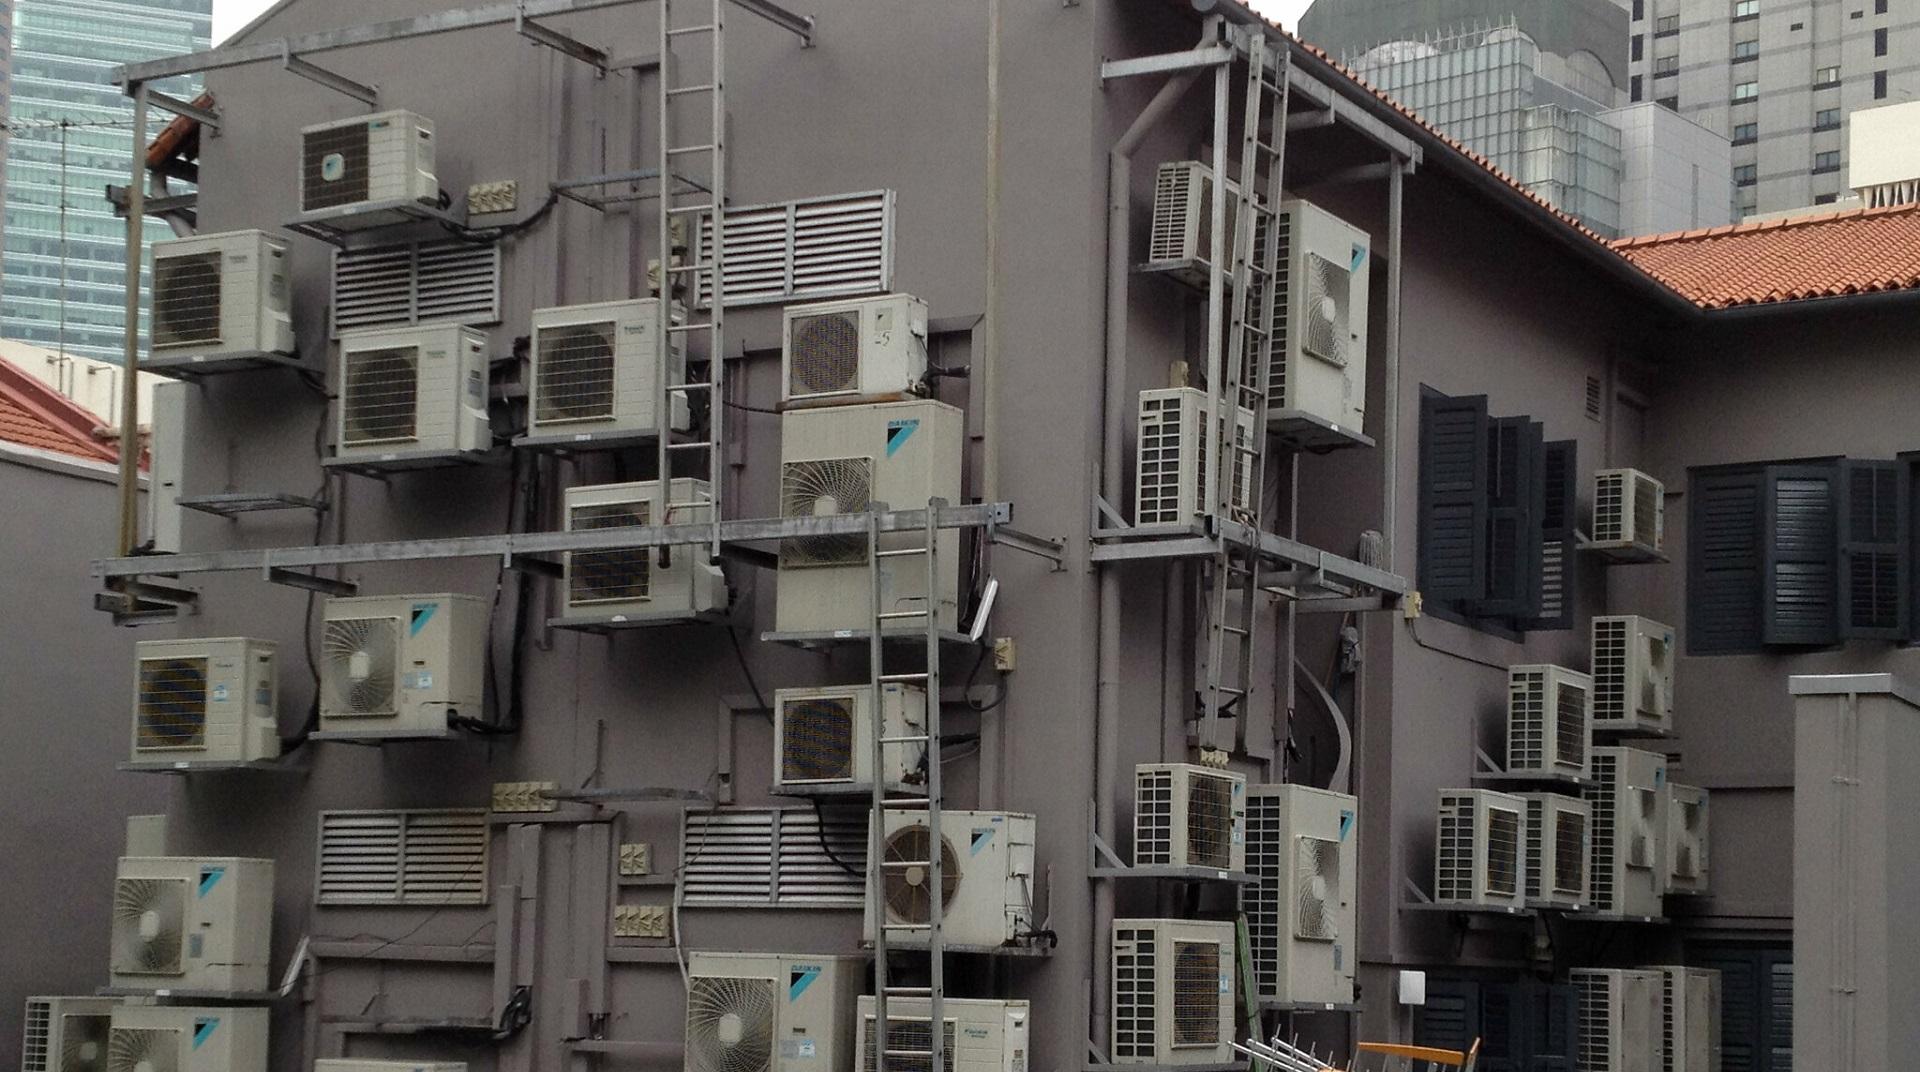 El incremento de la temperatura hará crecer la demanda eléctrica